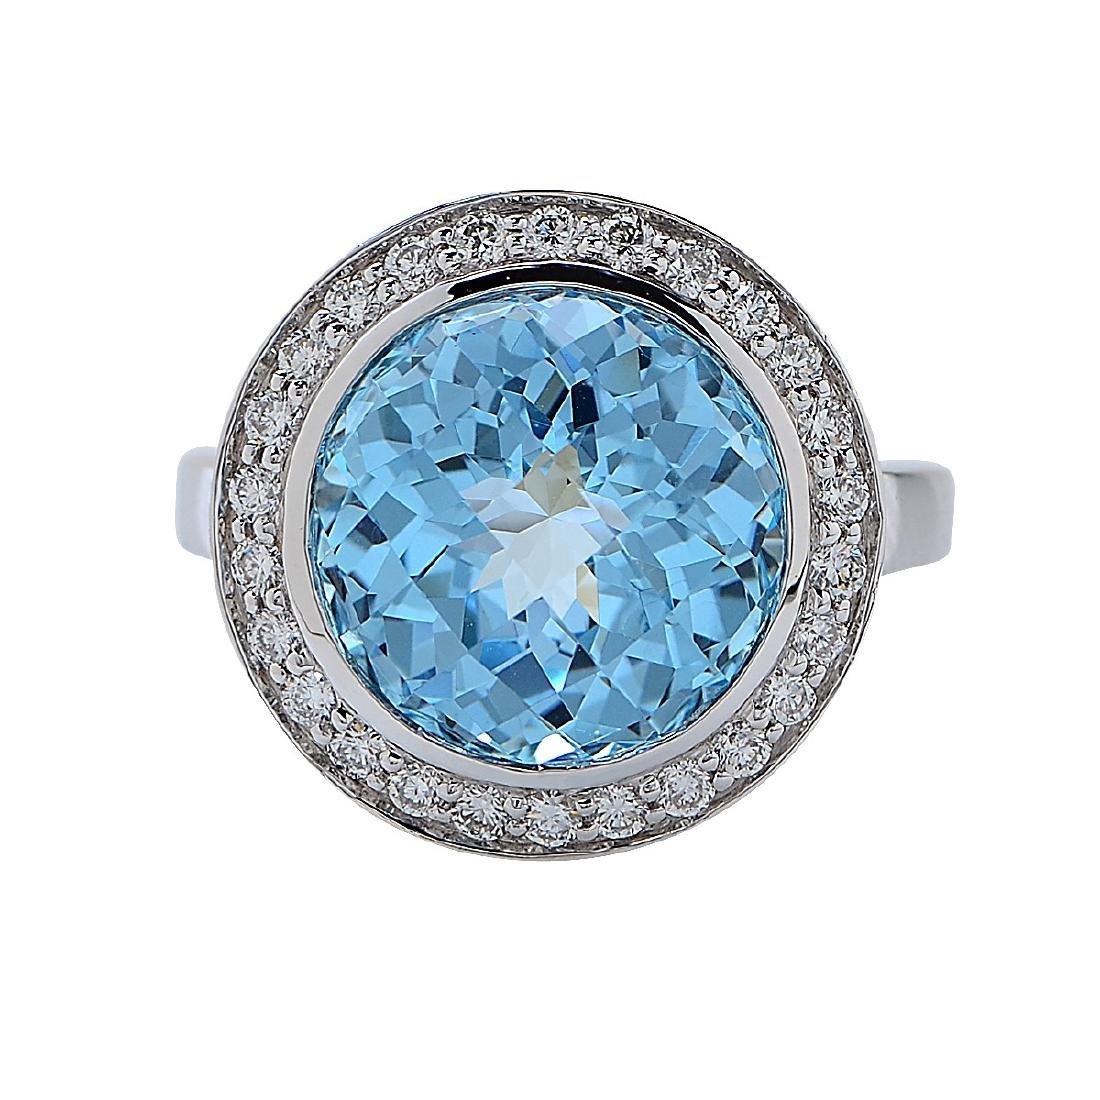 18K White Gold Blue Topaz Diamond Ring